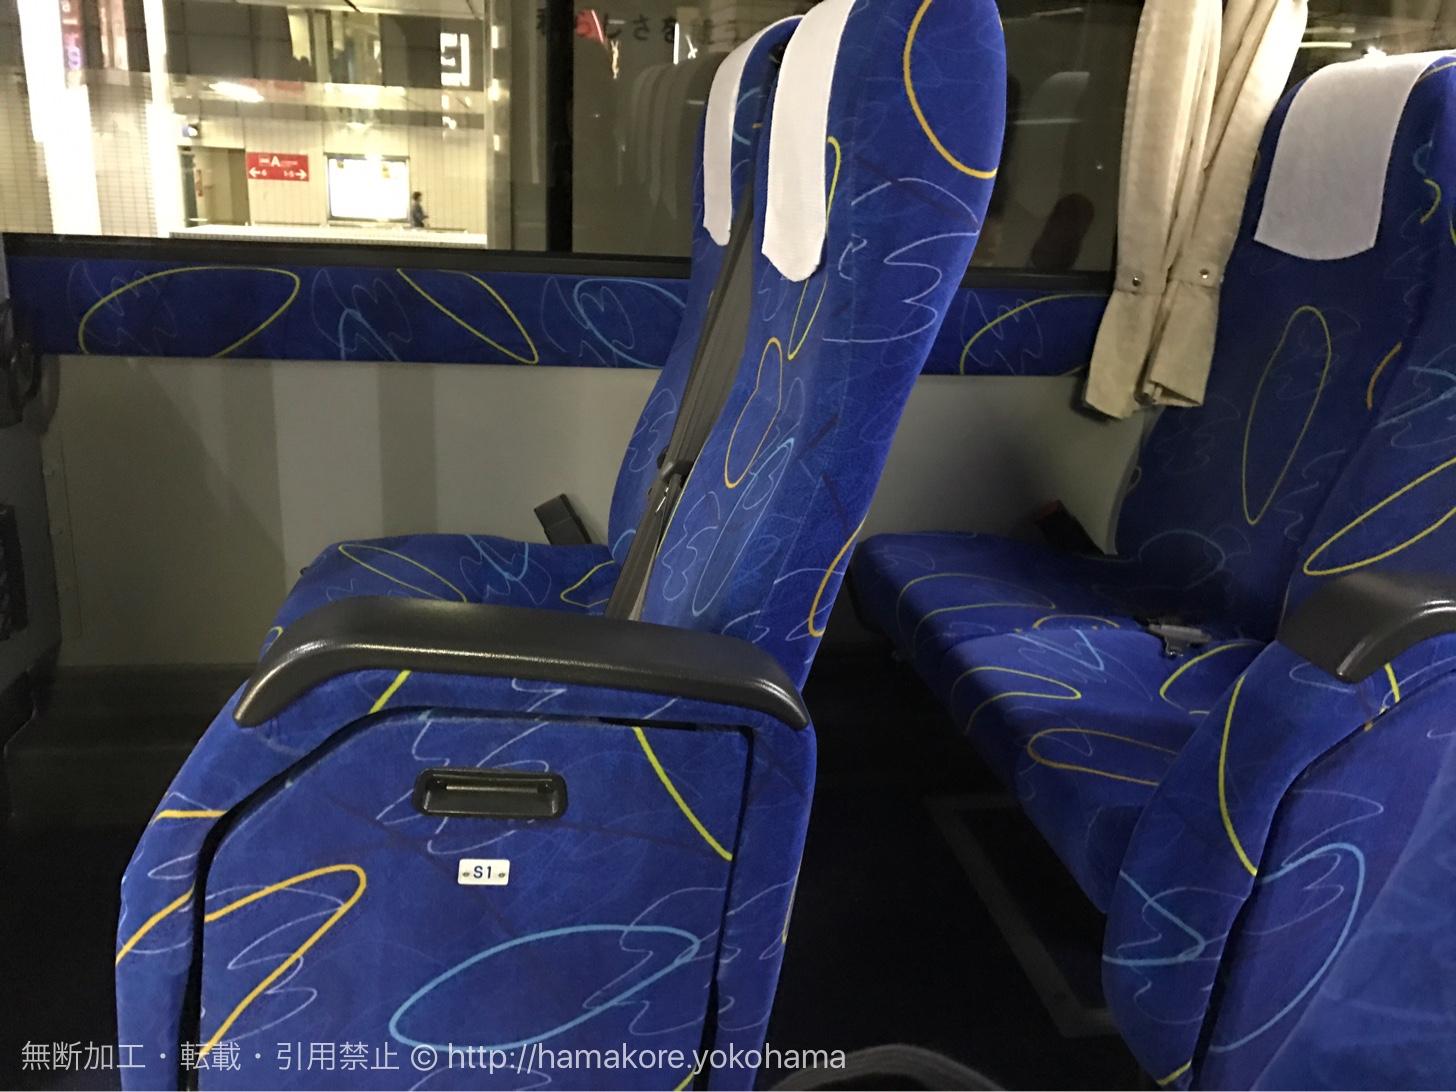 京成バスの車内